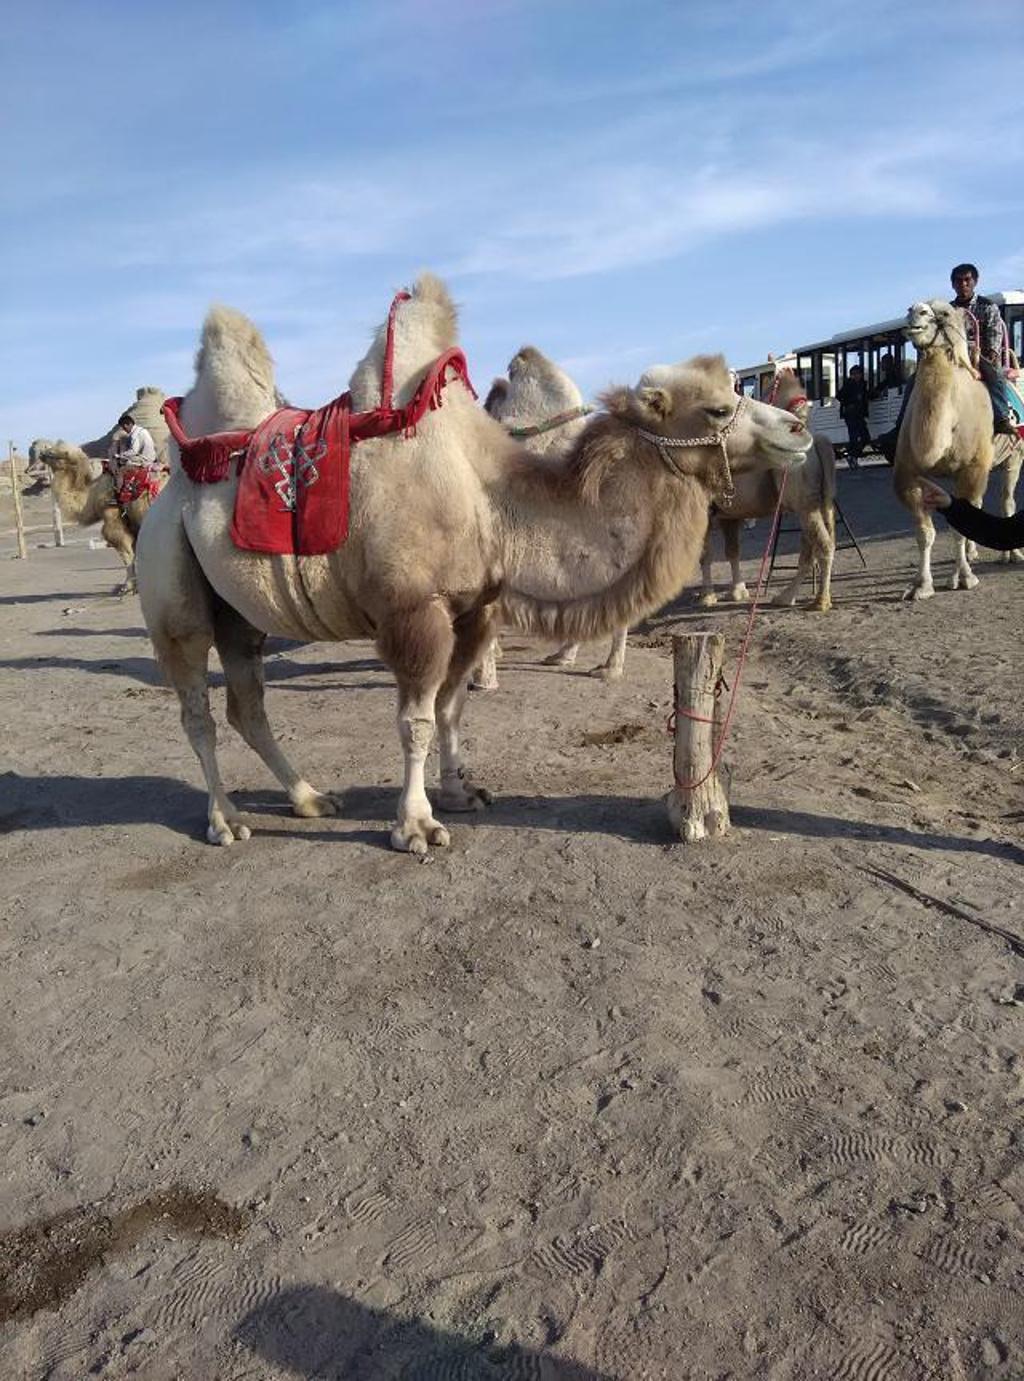 新疆克拉玛依魔鬼城。。说走就走的旅行